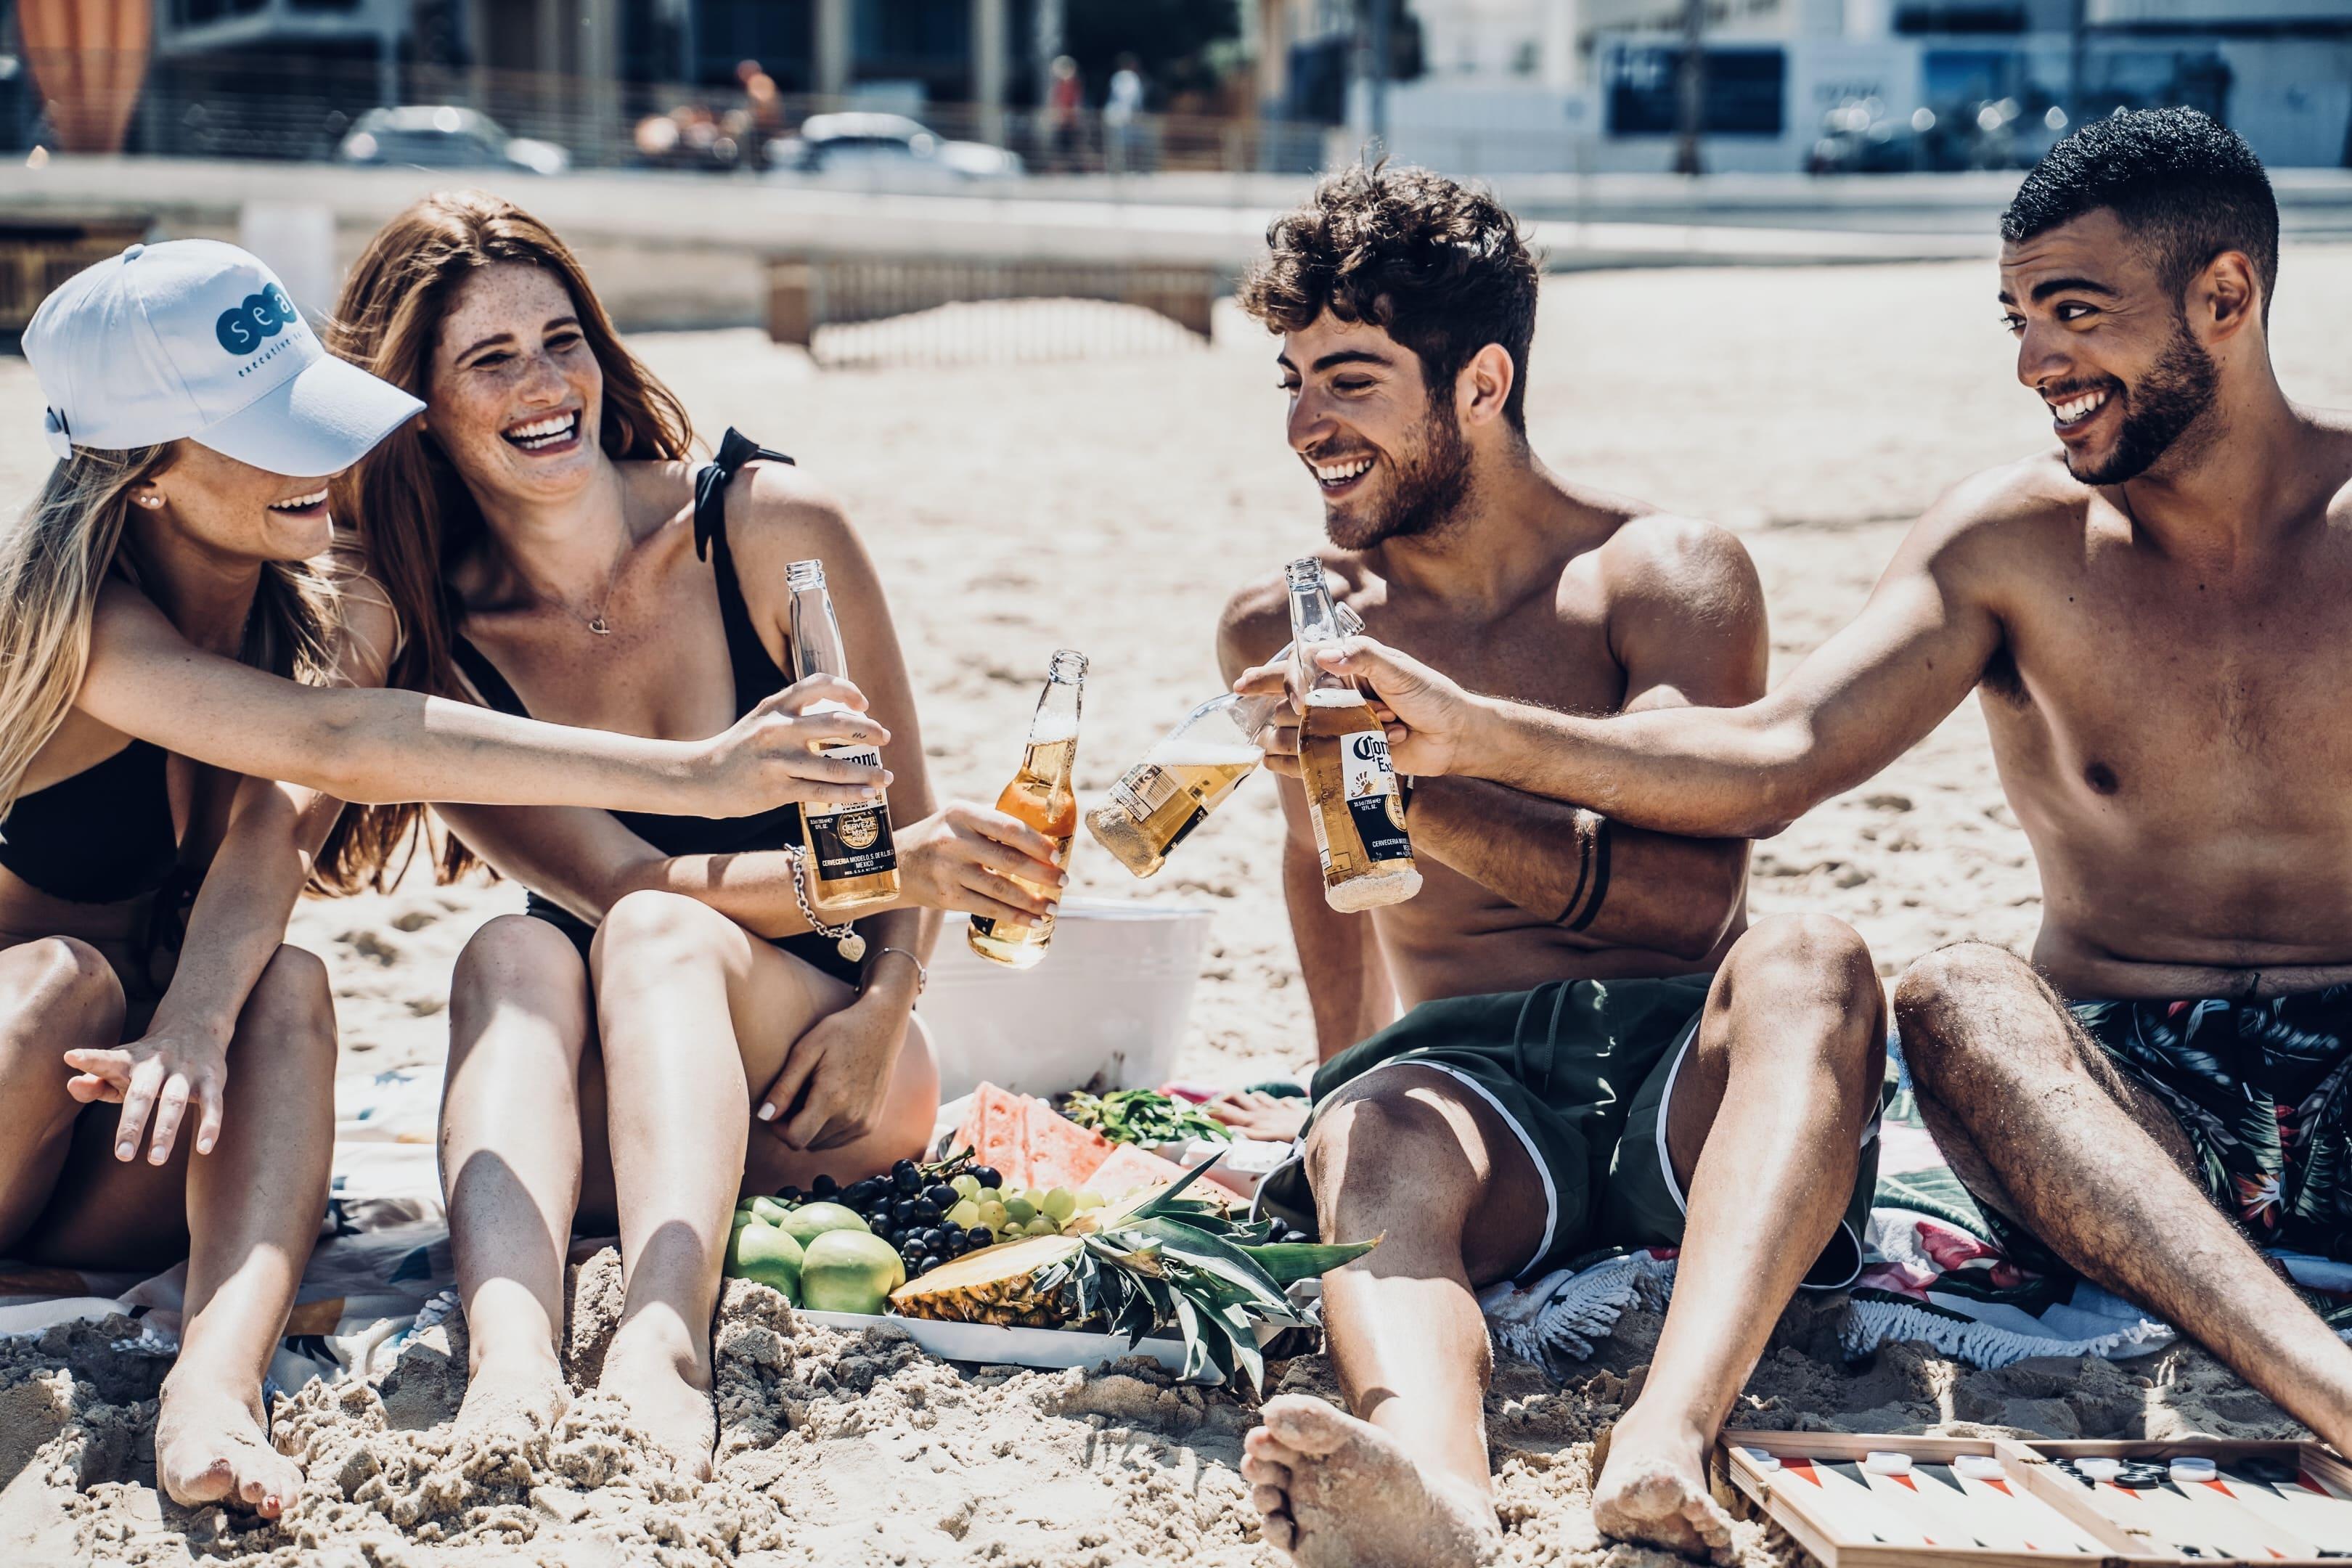 חופשה על חוף הים עם חברים